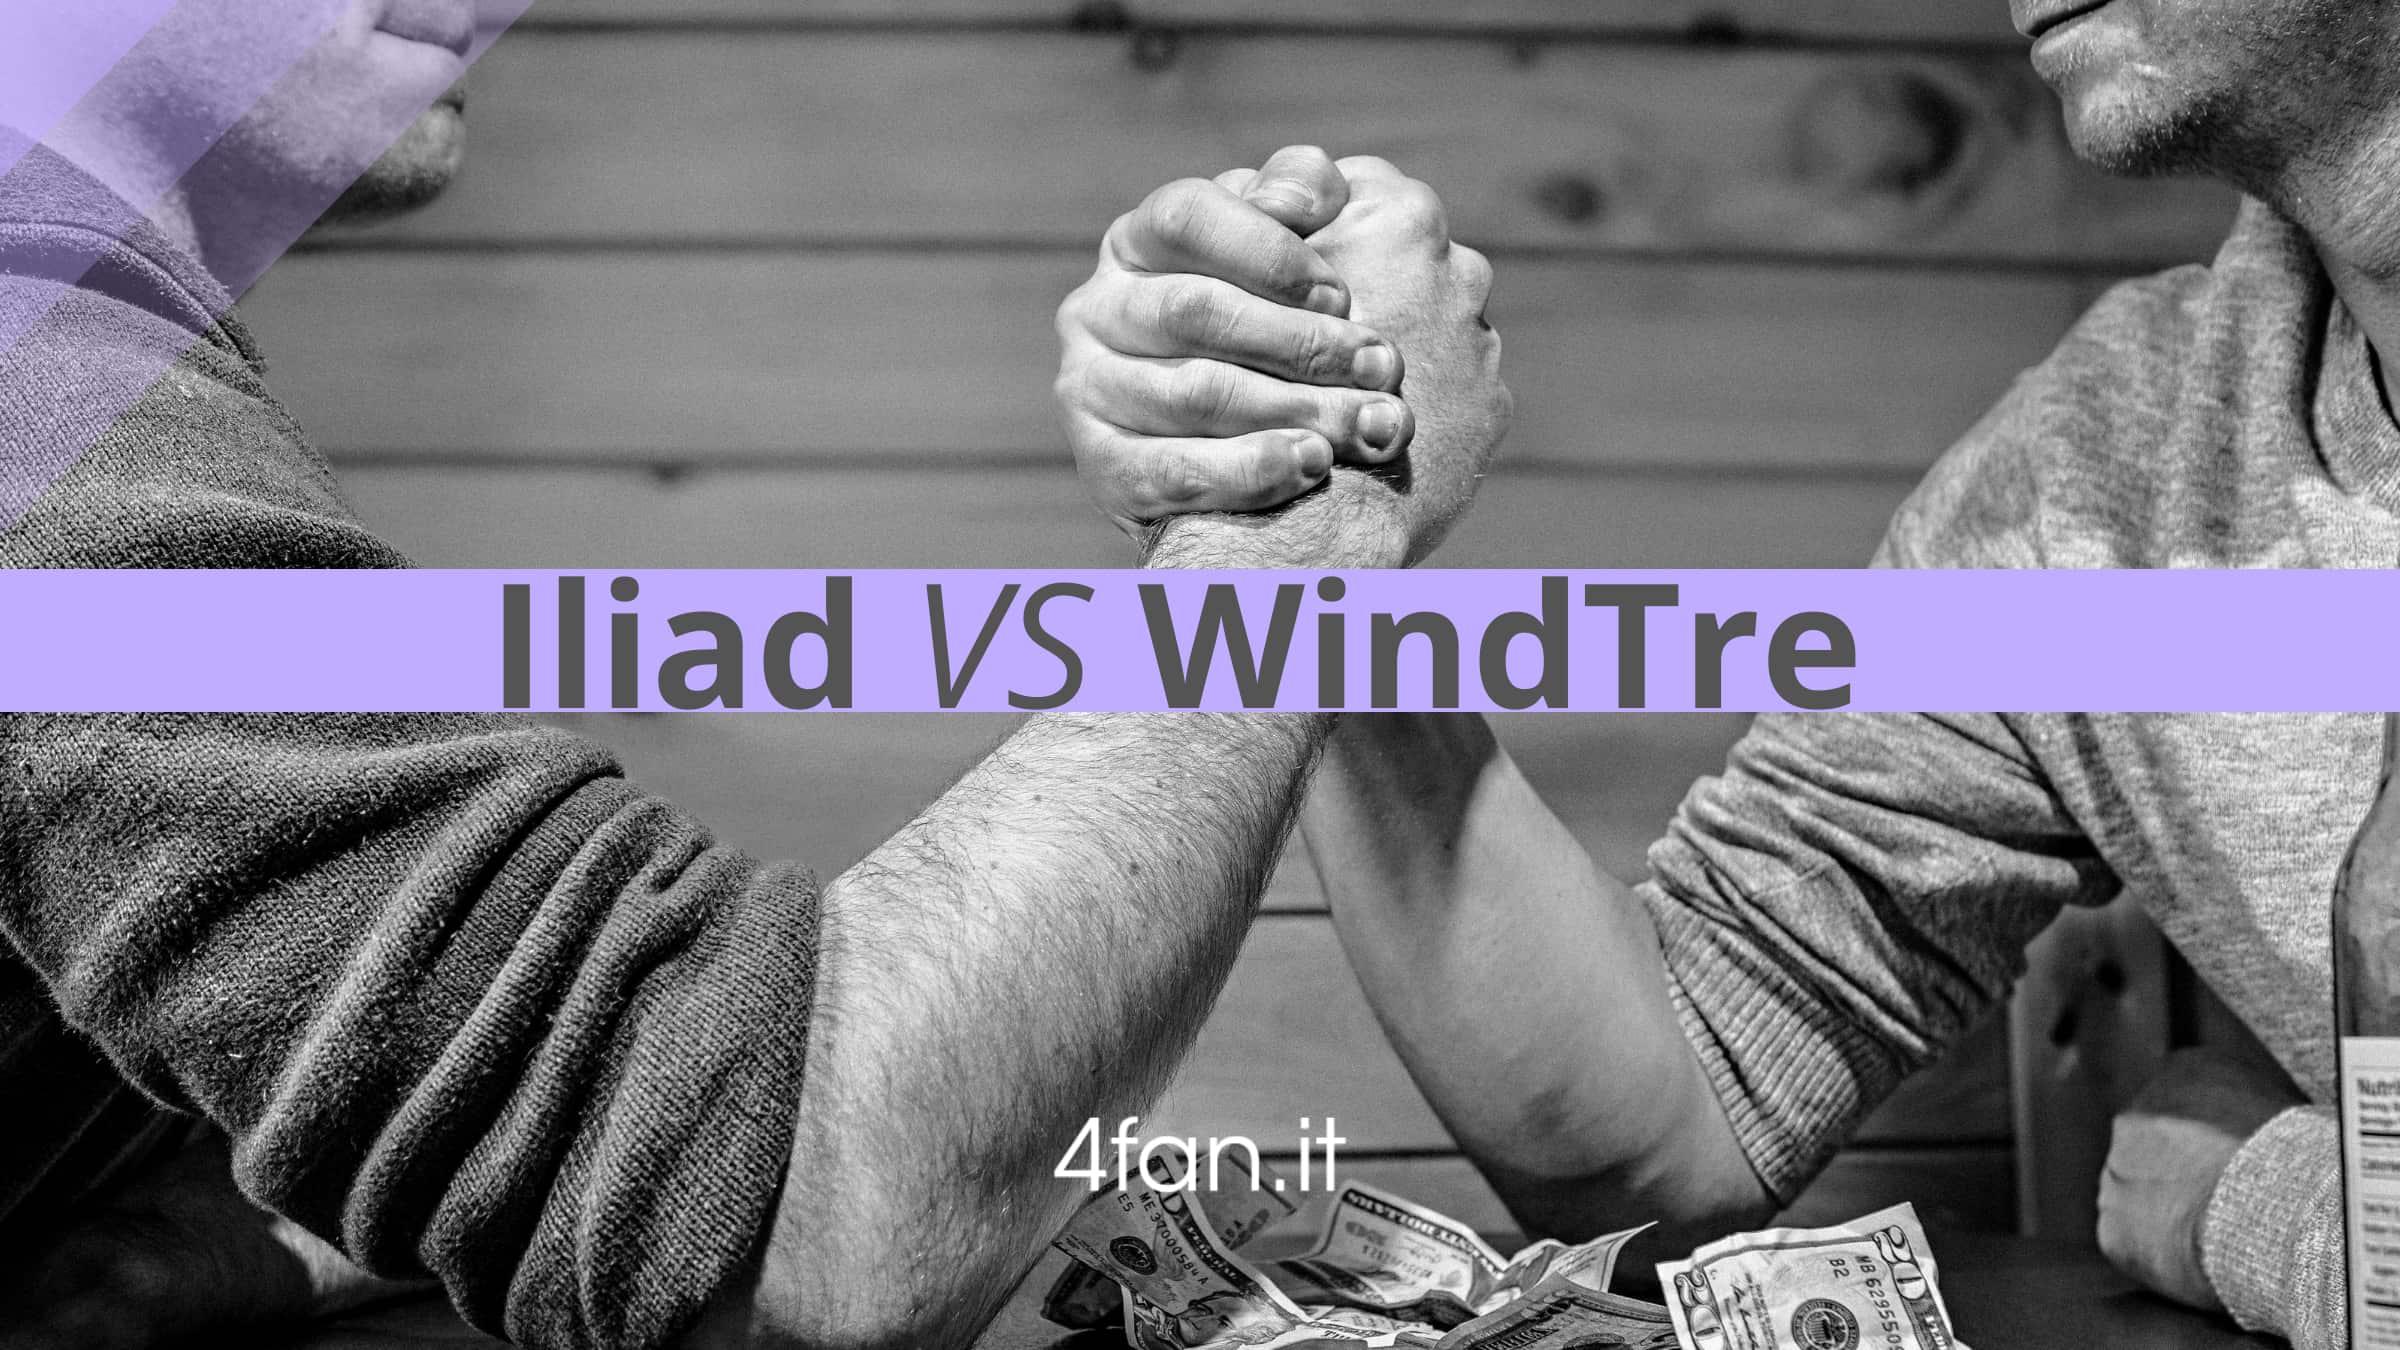 Iliad VS WindTre